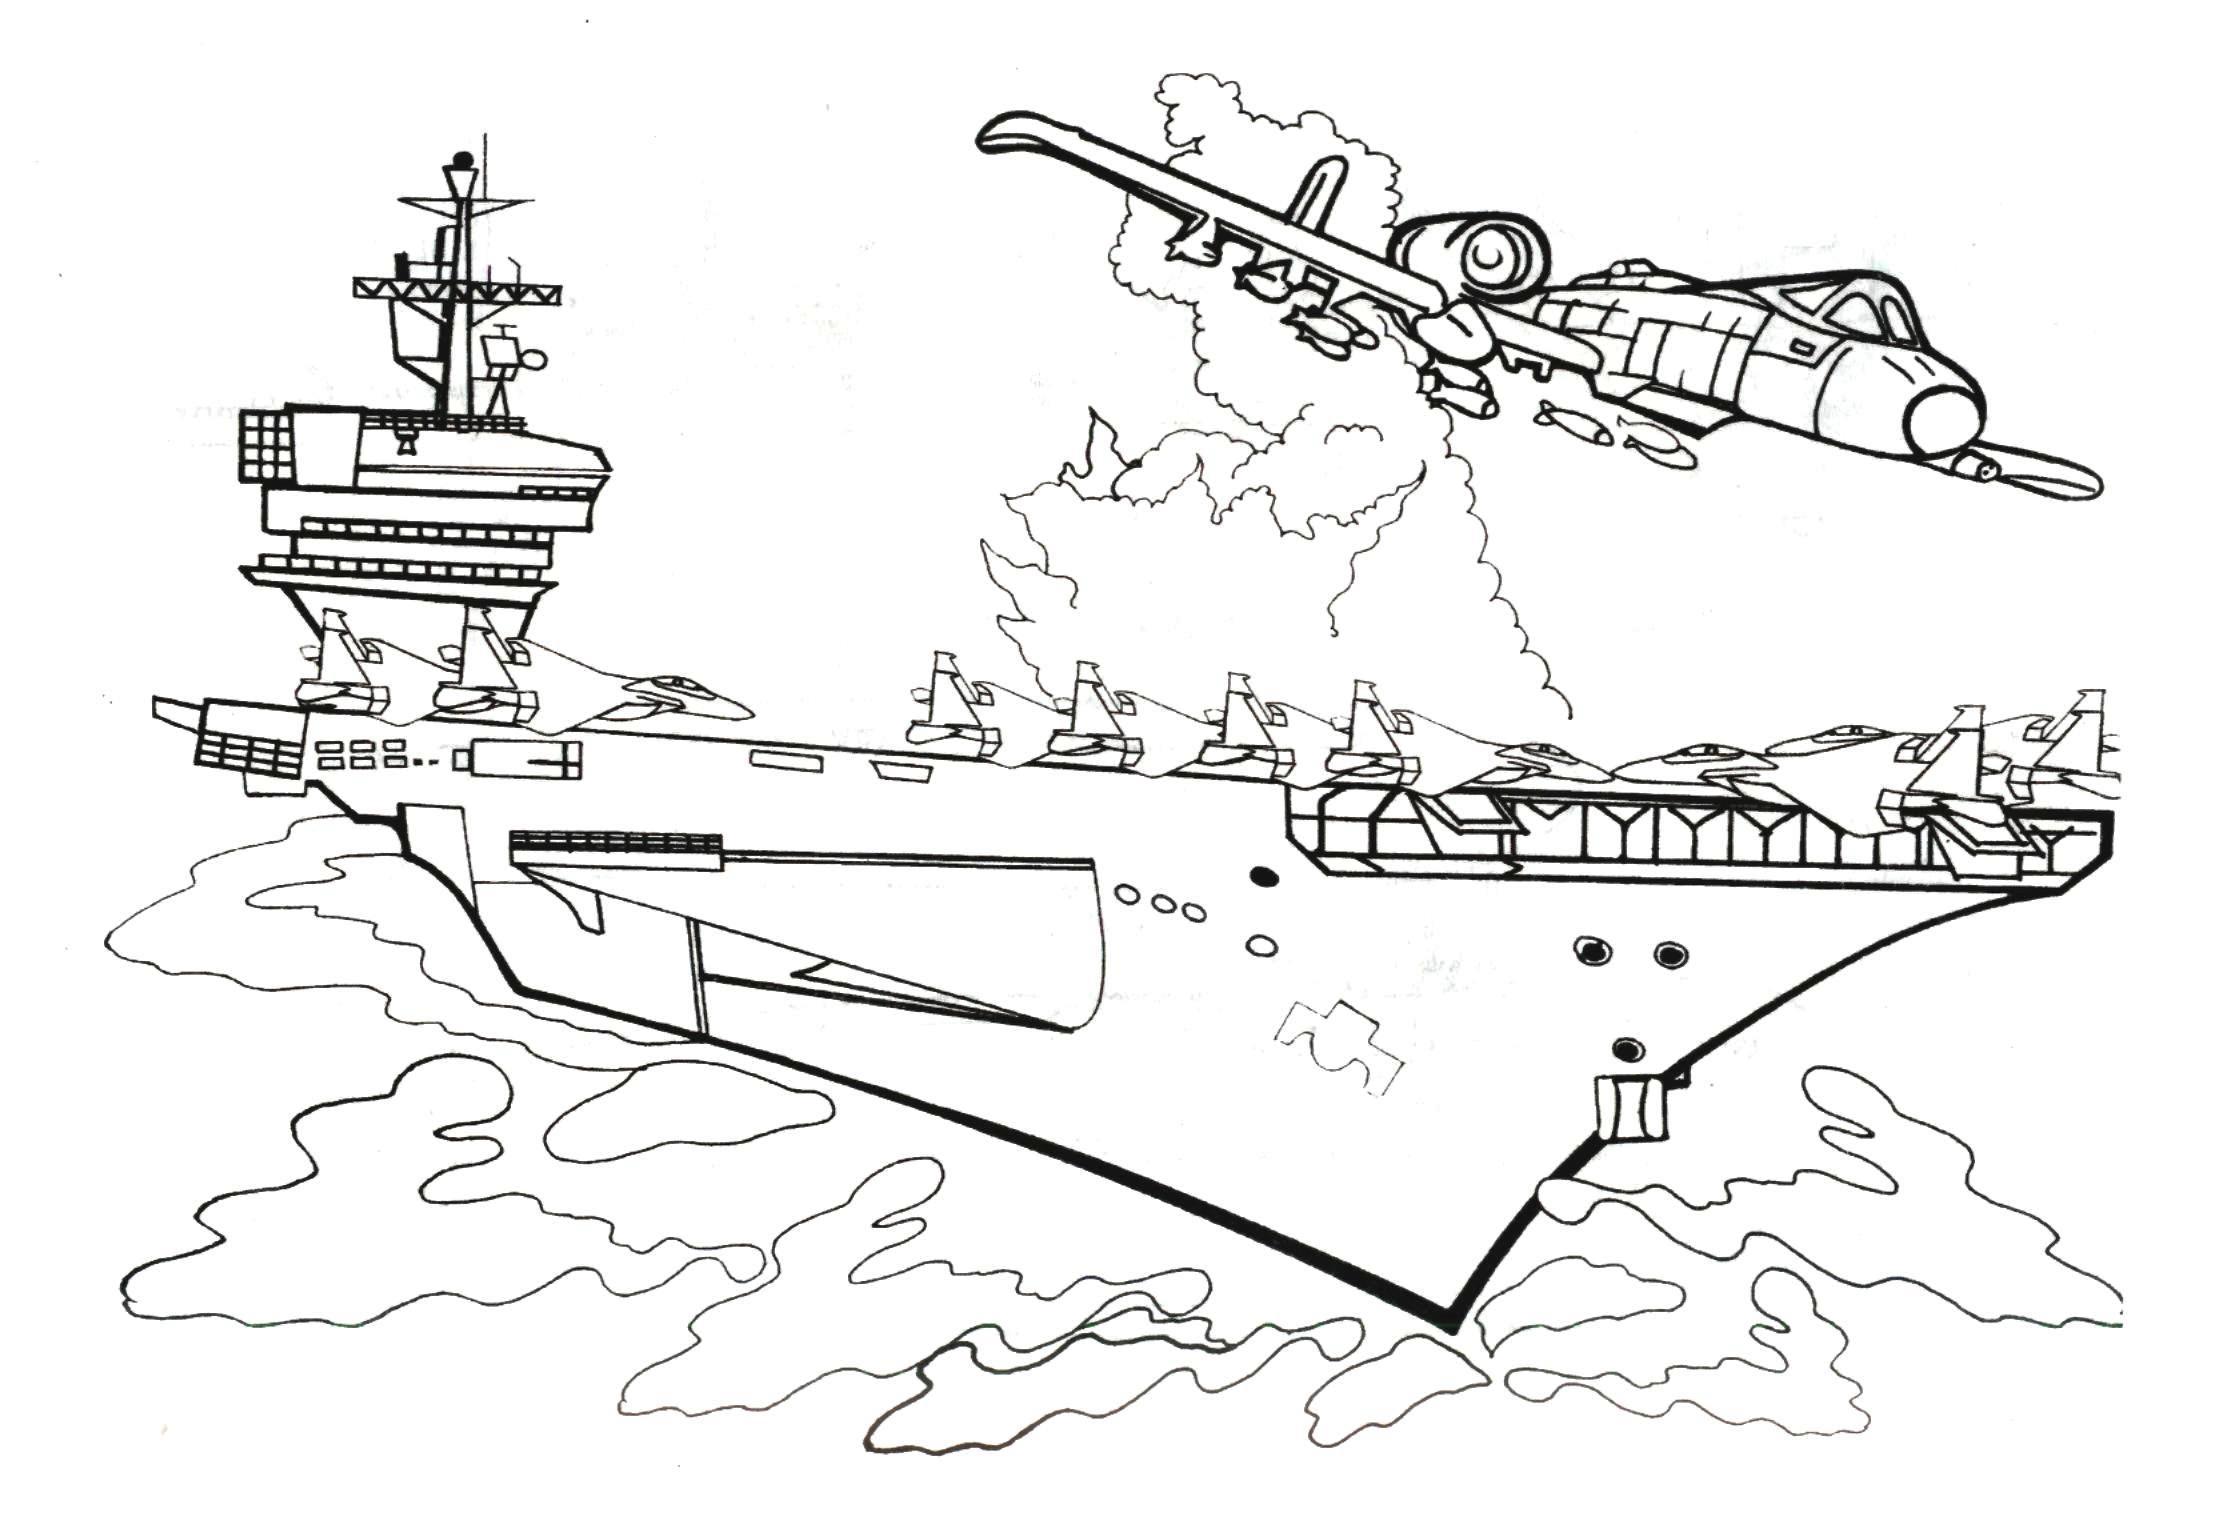 Раскраски корабли и самолеты